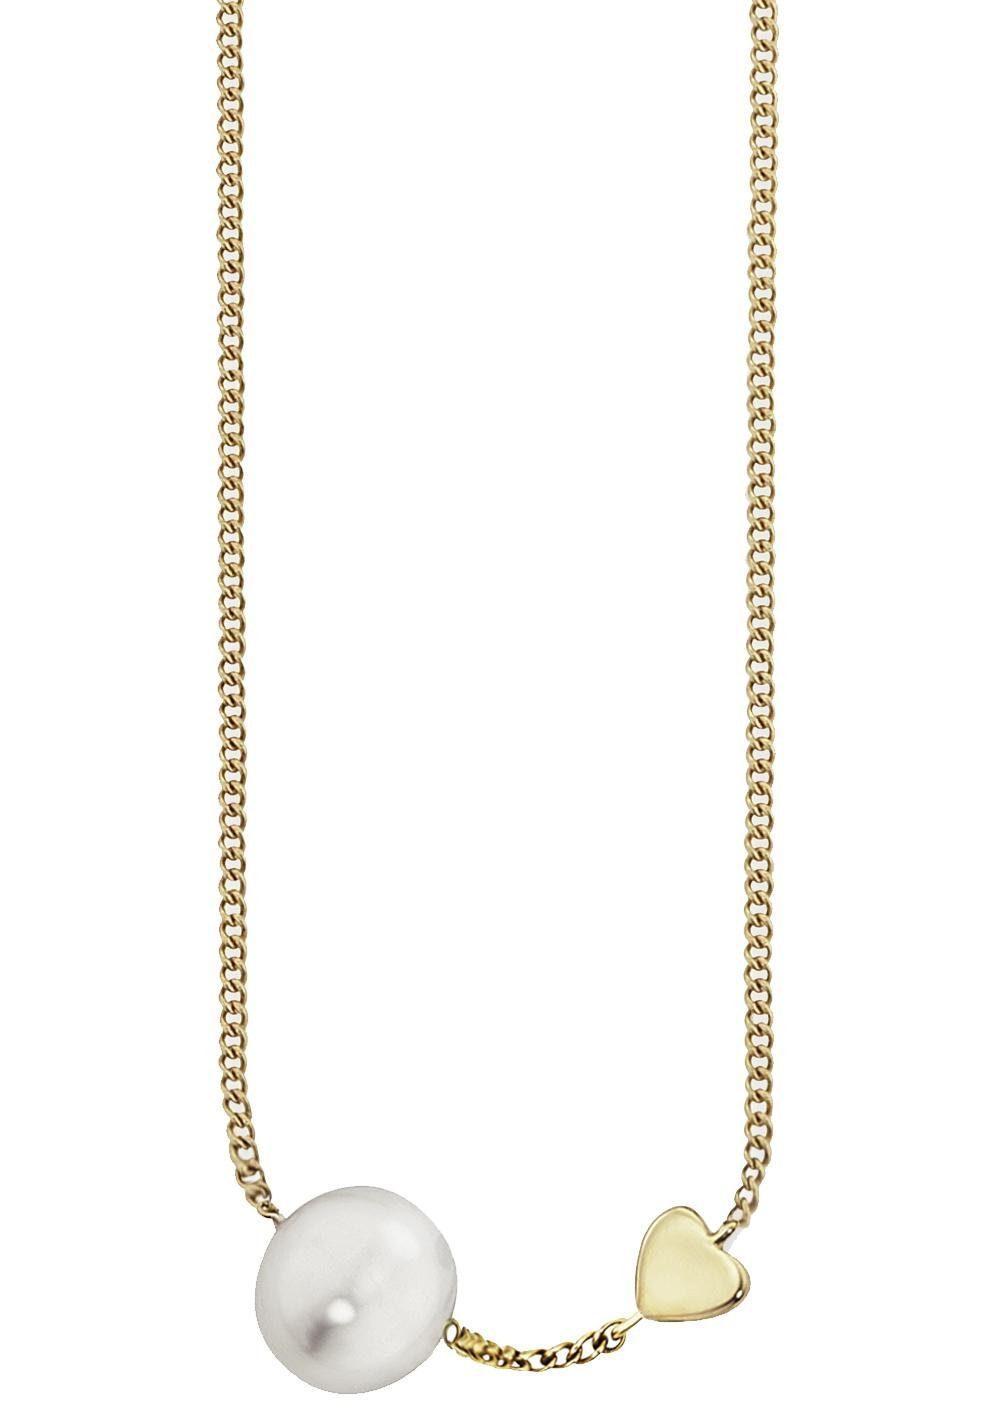 CAÏ Perlenkette »Pearl Love, C7159N/90/46/39+5«, mit Süßwasserzuchtperle